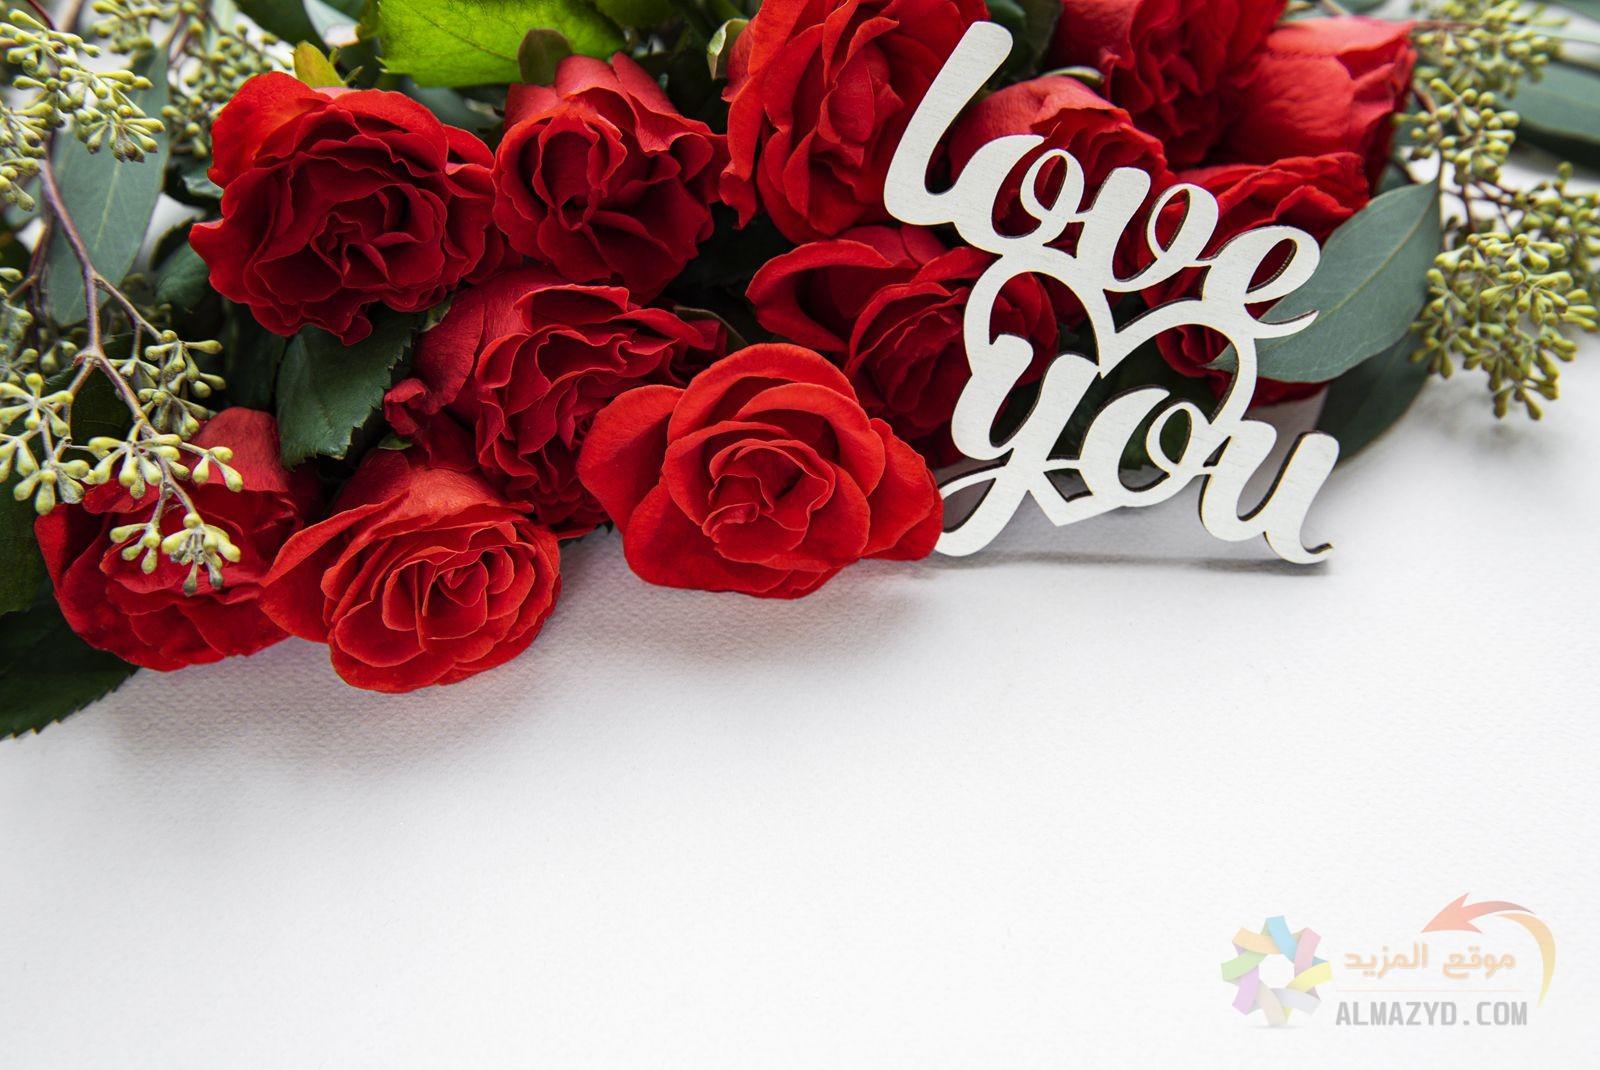 صور حب فيس بوك رومانسية جديدة 20 صورة موقع المزيد